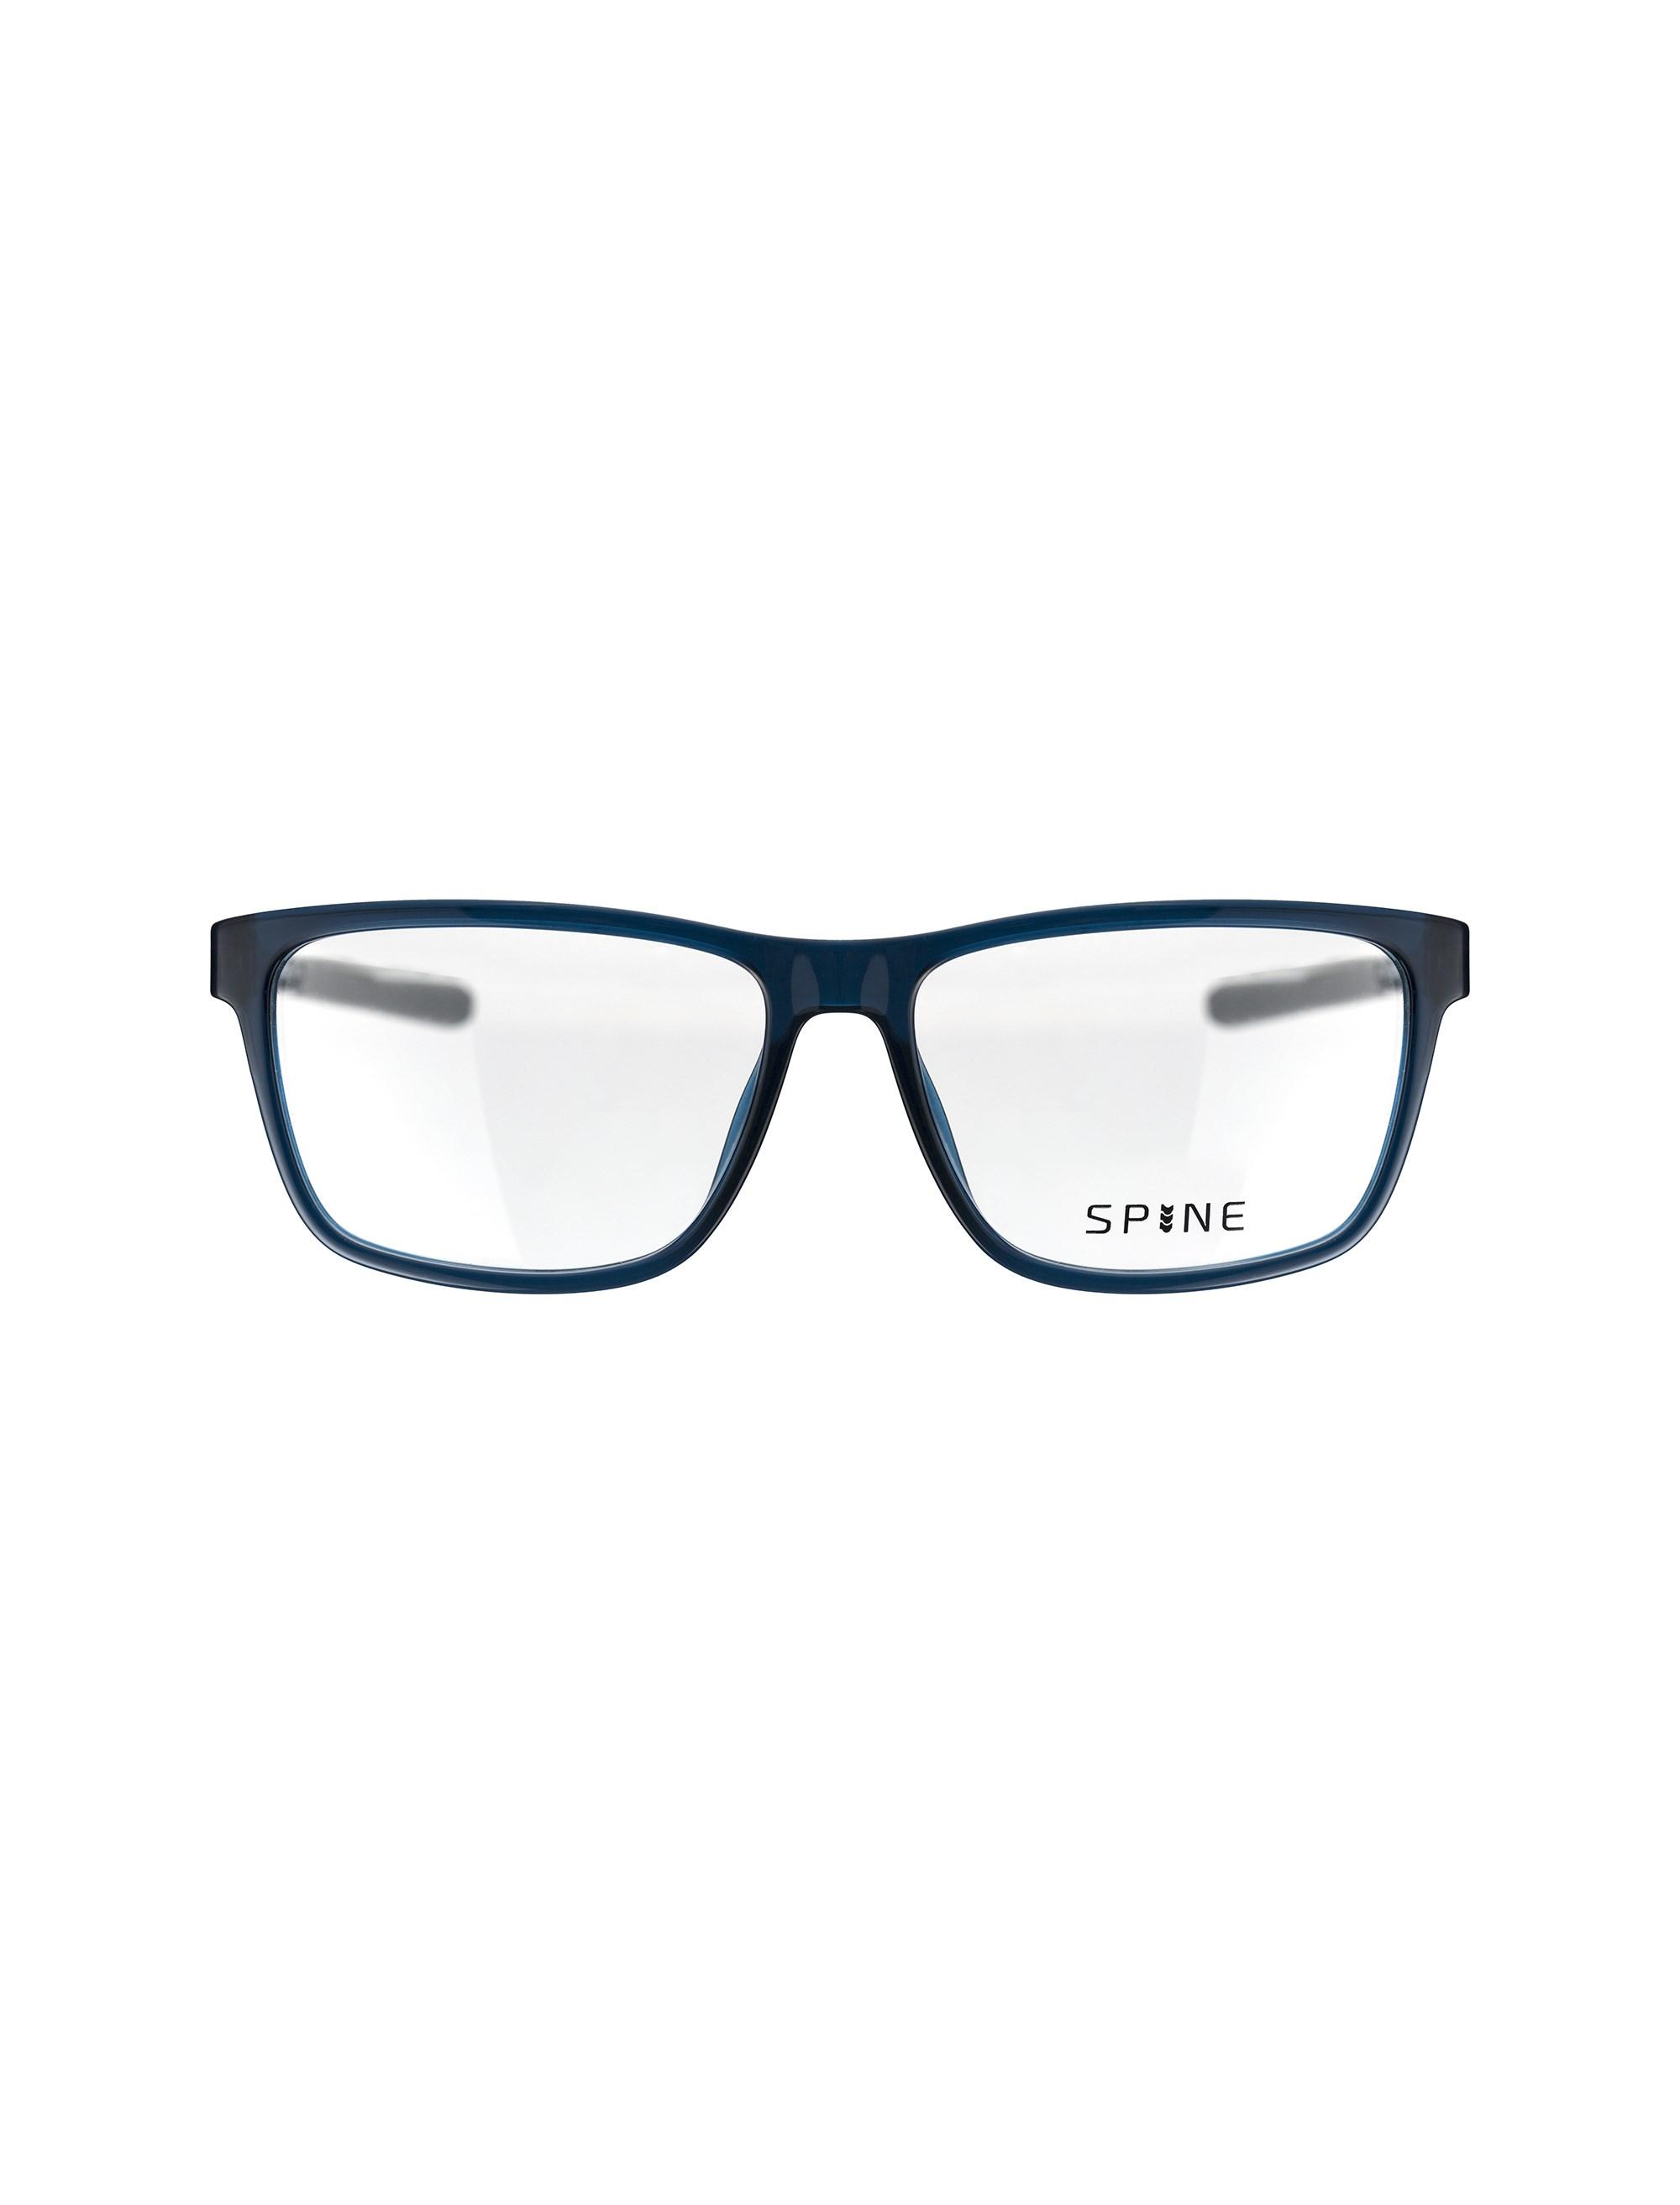 عینک طبی ویفرر زنانه - سرمه اي - 1